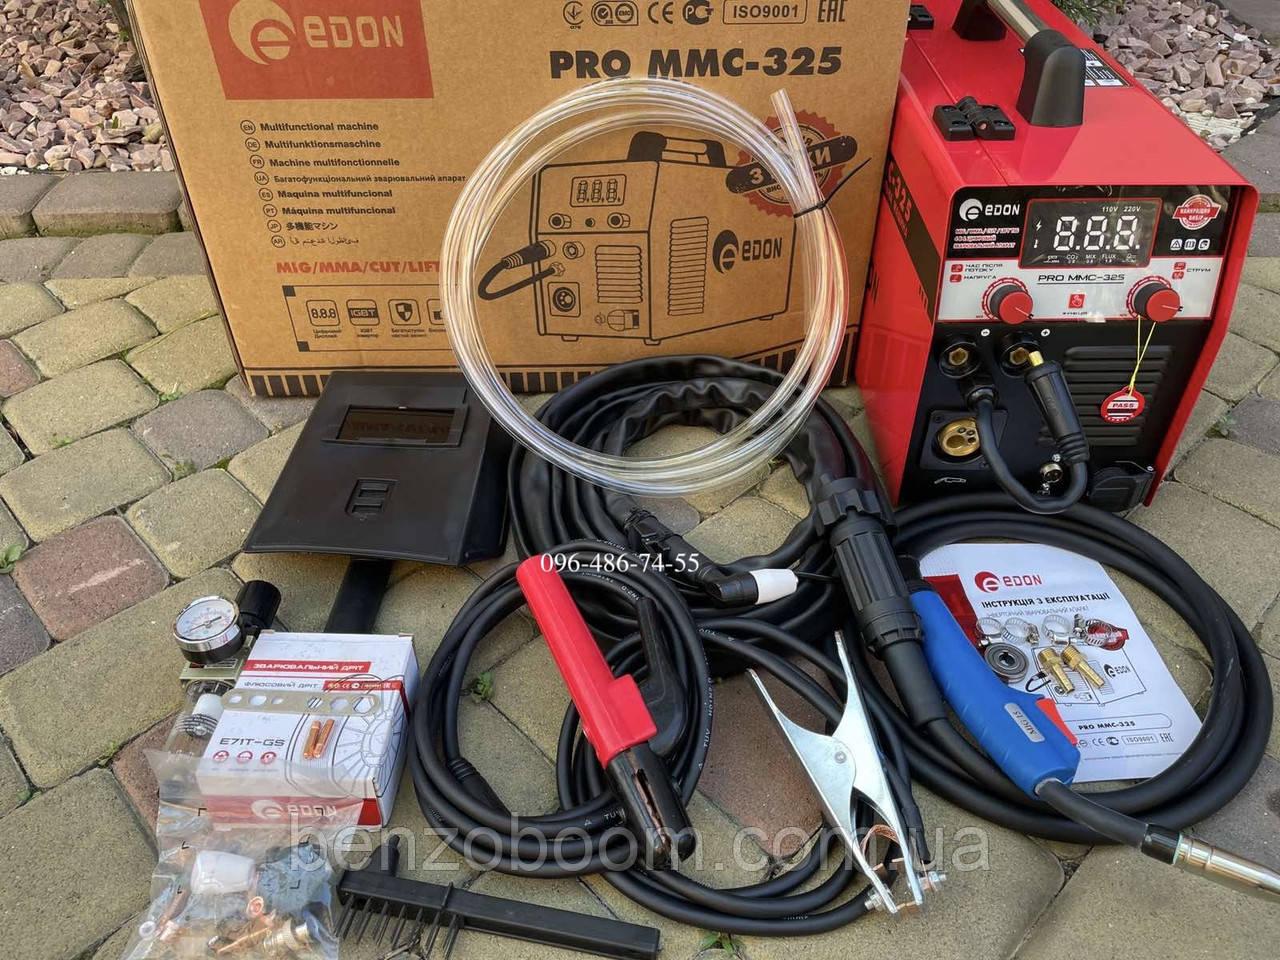 Напівавтомат плазморіз аргон інвертор Edon Pro MMC-325